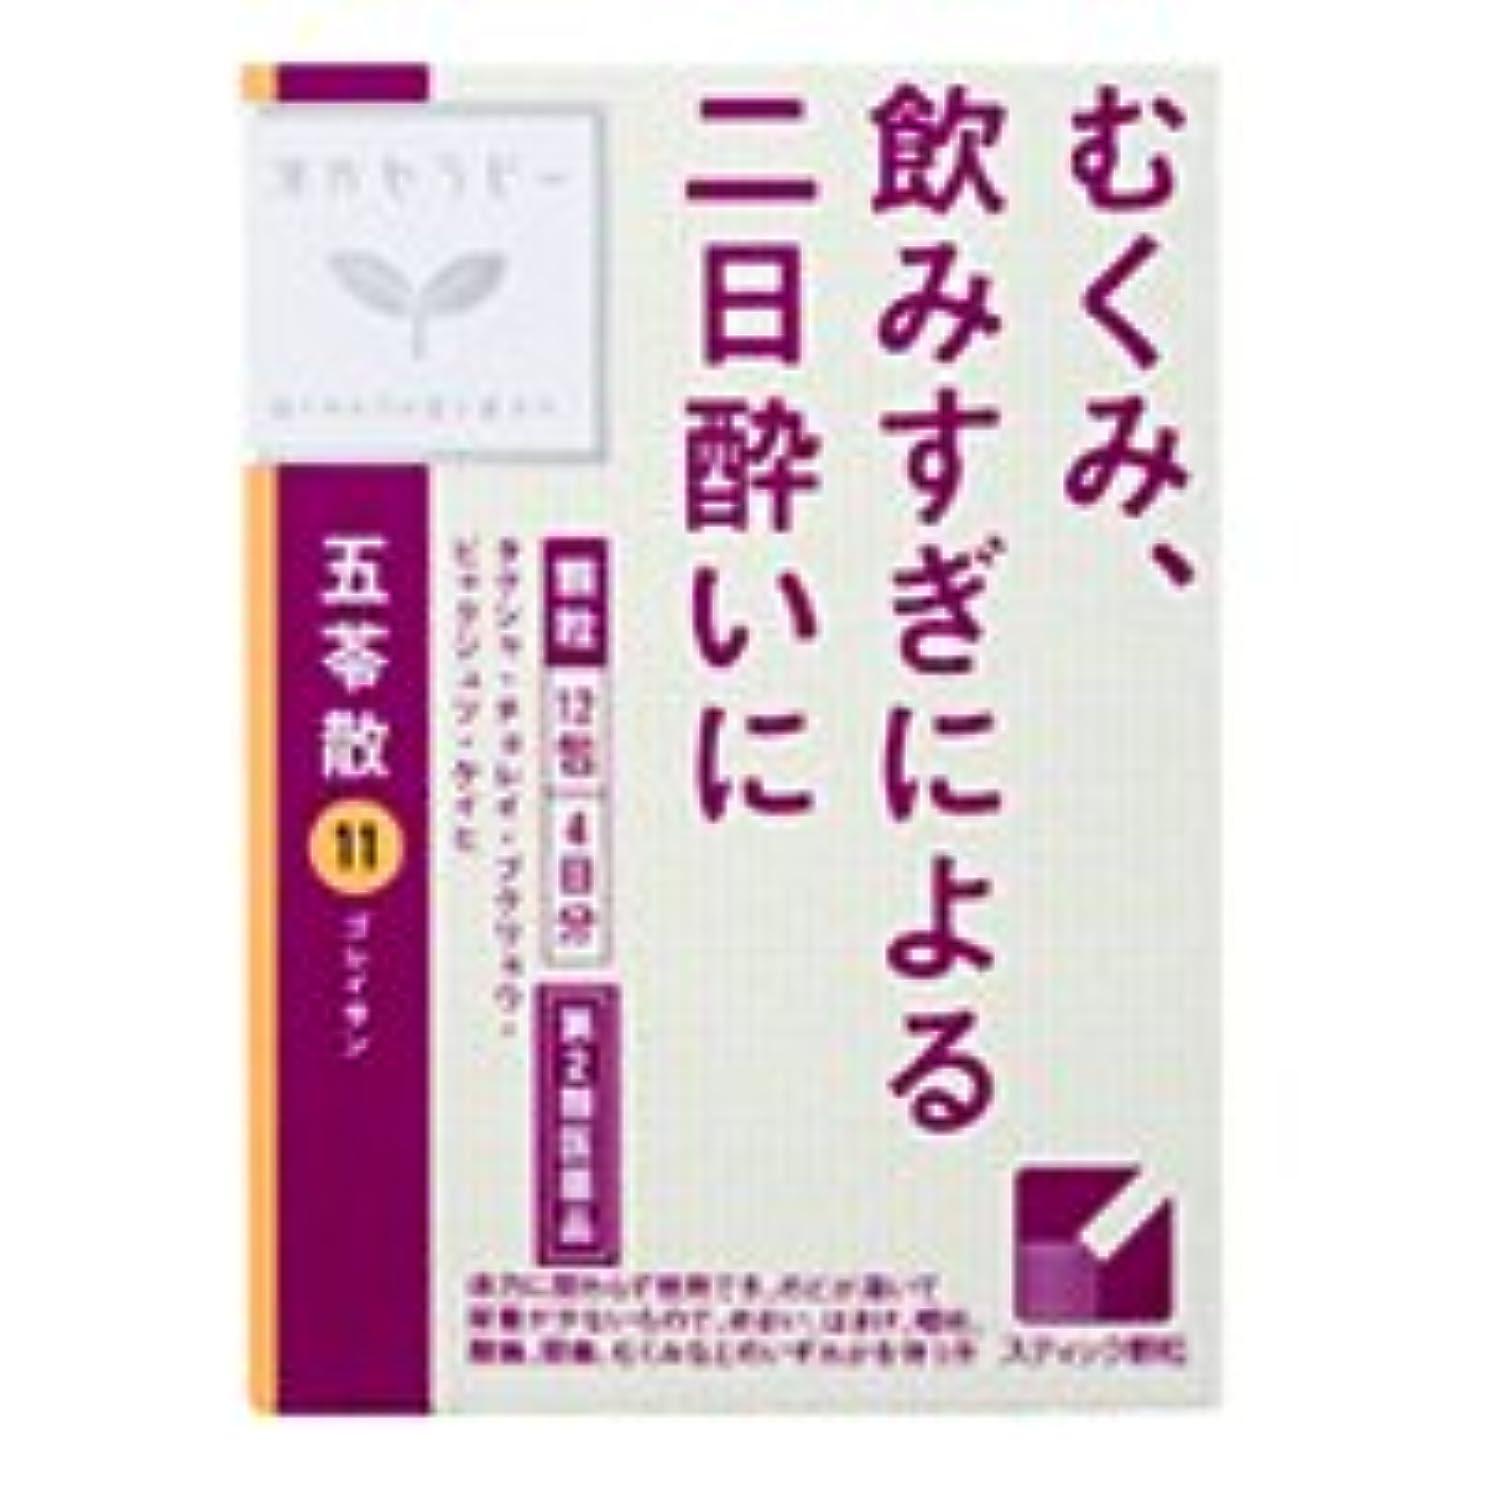 ごめんなさいアベニュー疾患【第2類医薬品】「クラシエ」漢方五苓散料エキス顆粒 12包 ×2